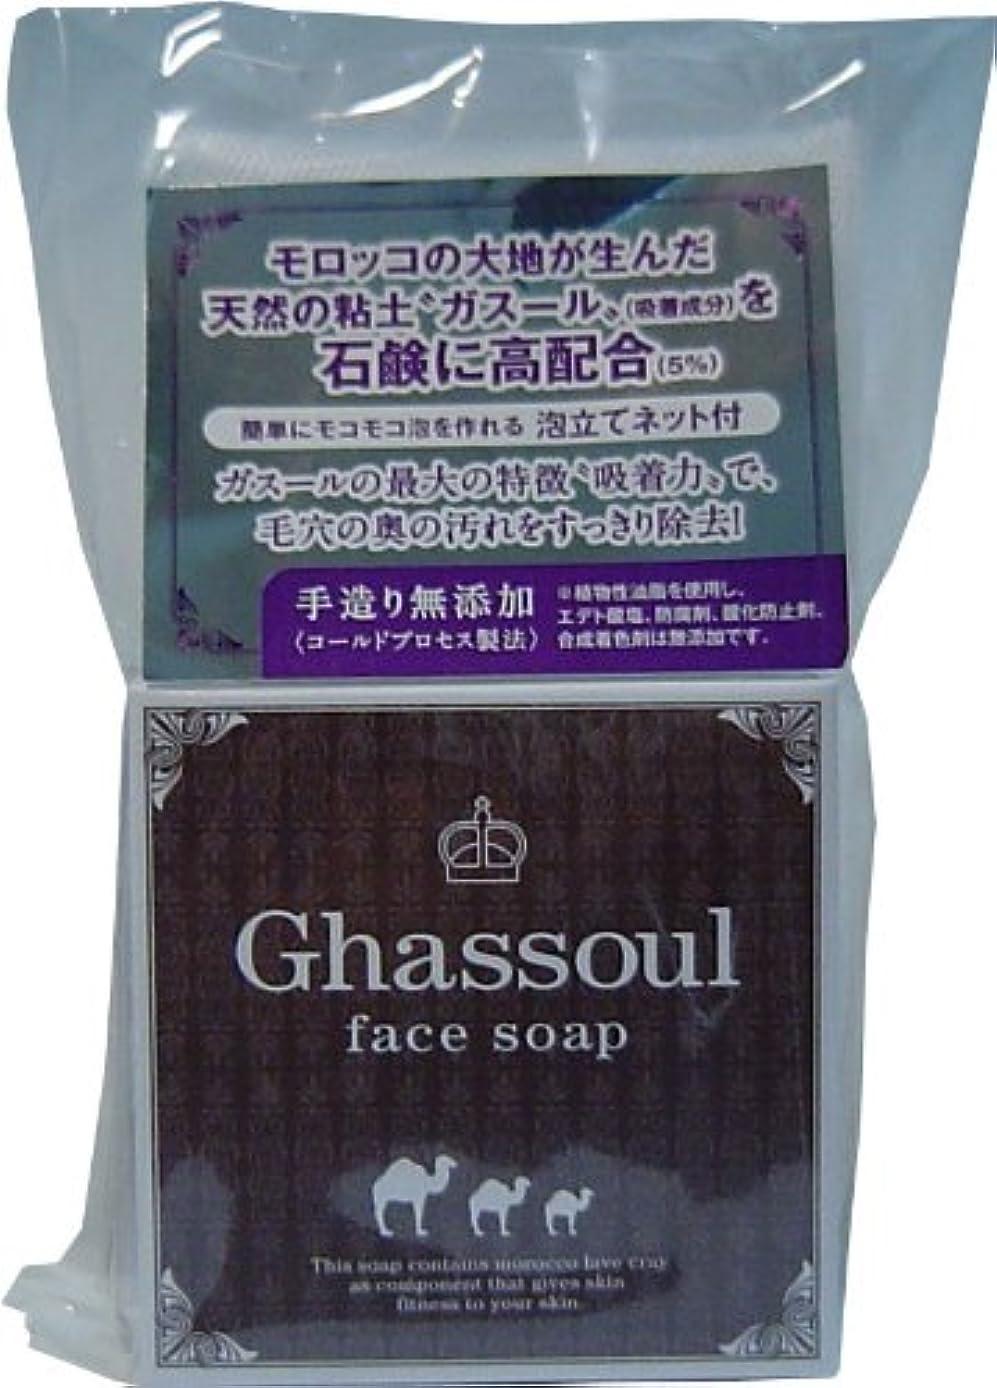 解放イデオロギー深遠Ghassoul face soap ガスールフェイスソープ 100g ×6個セット